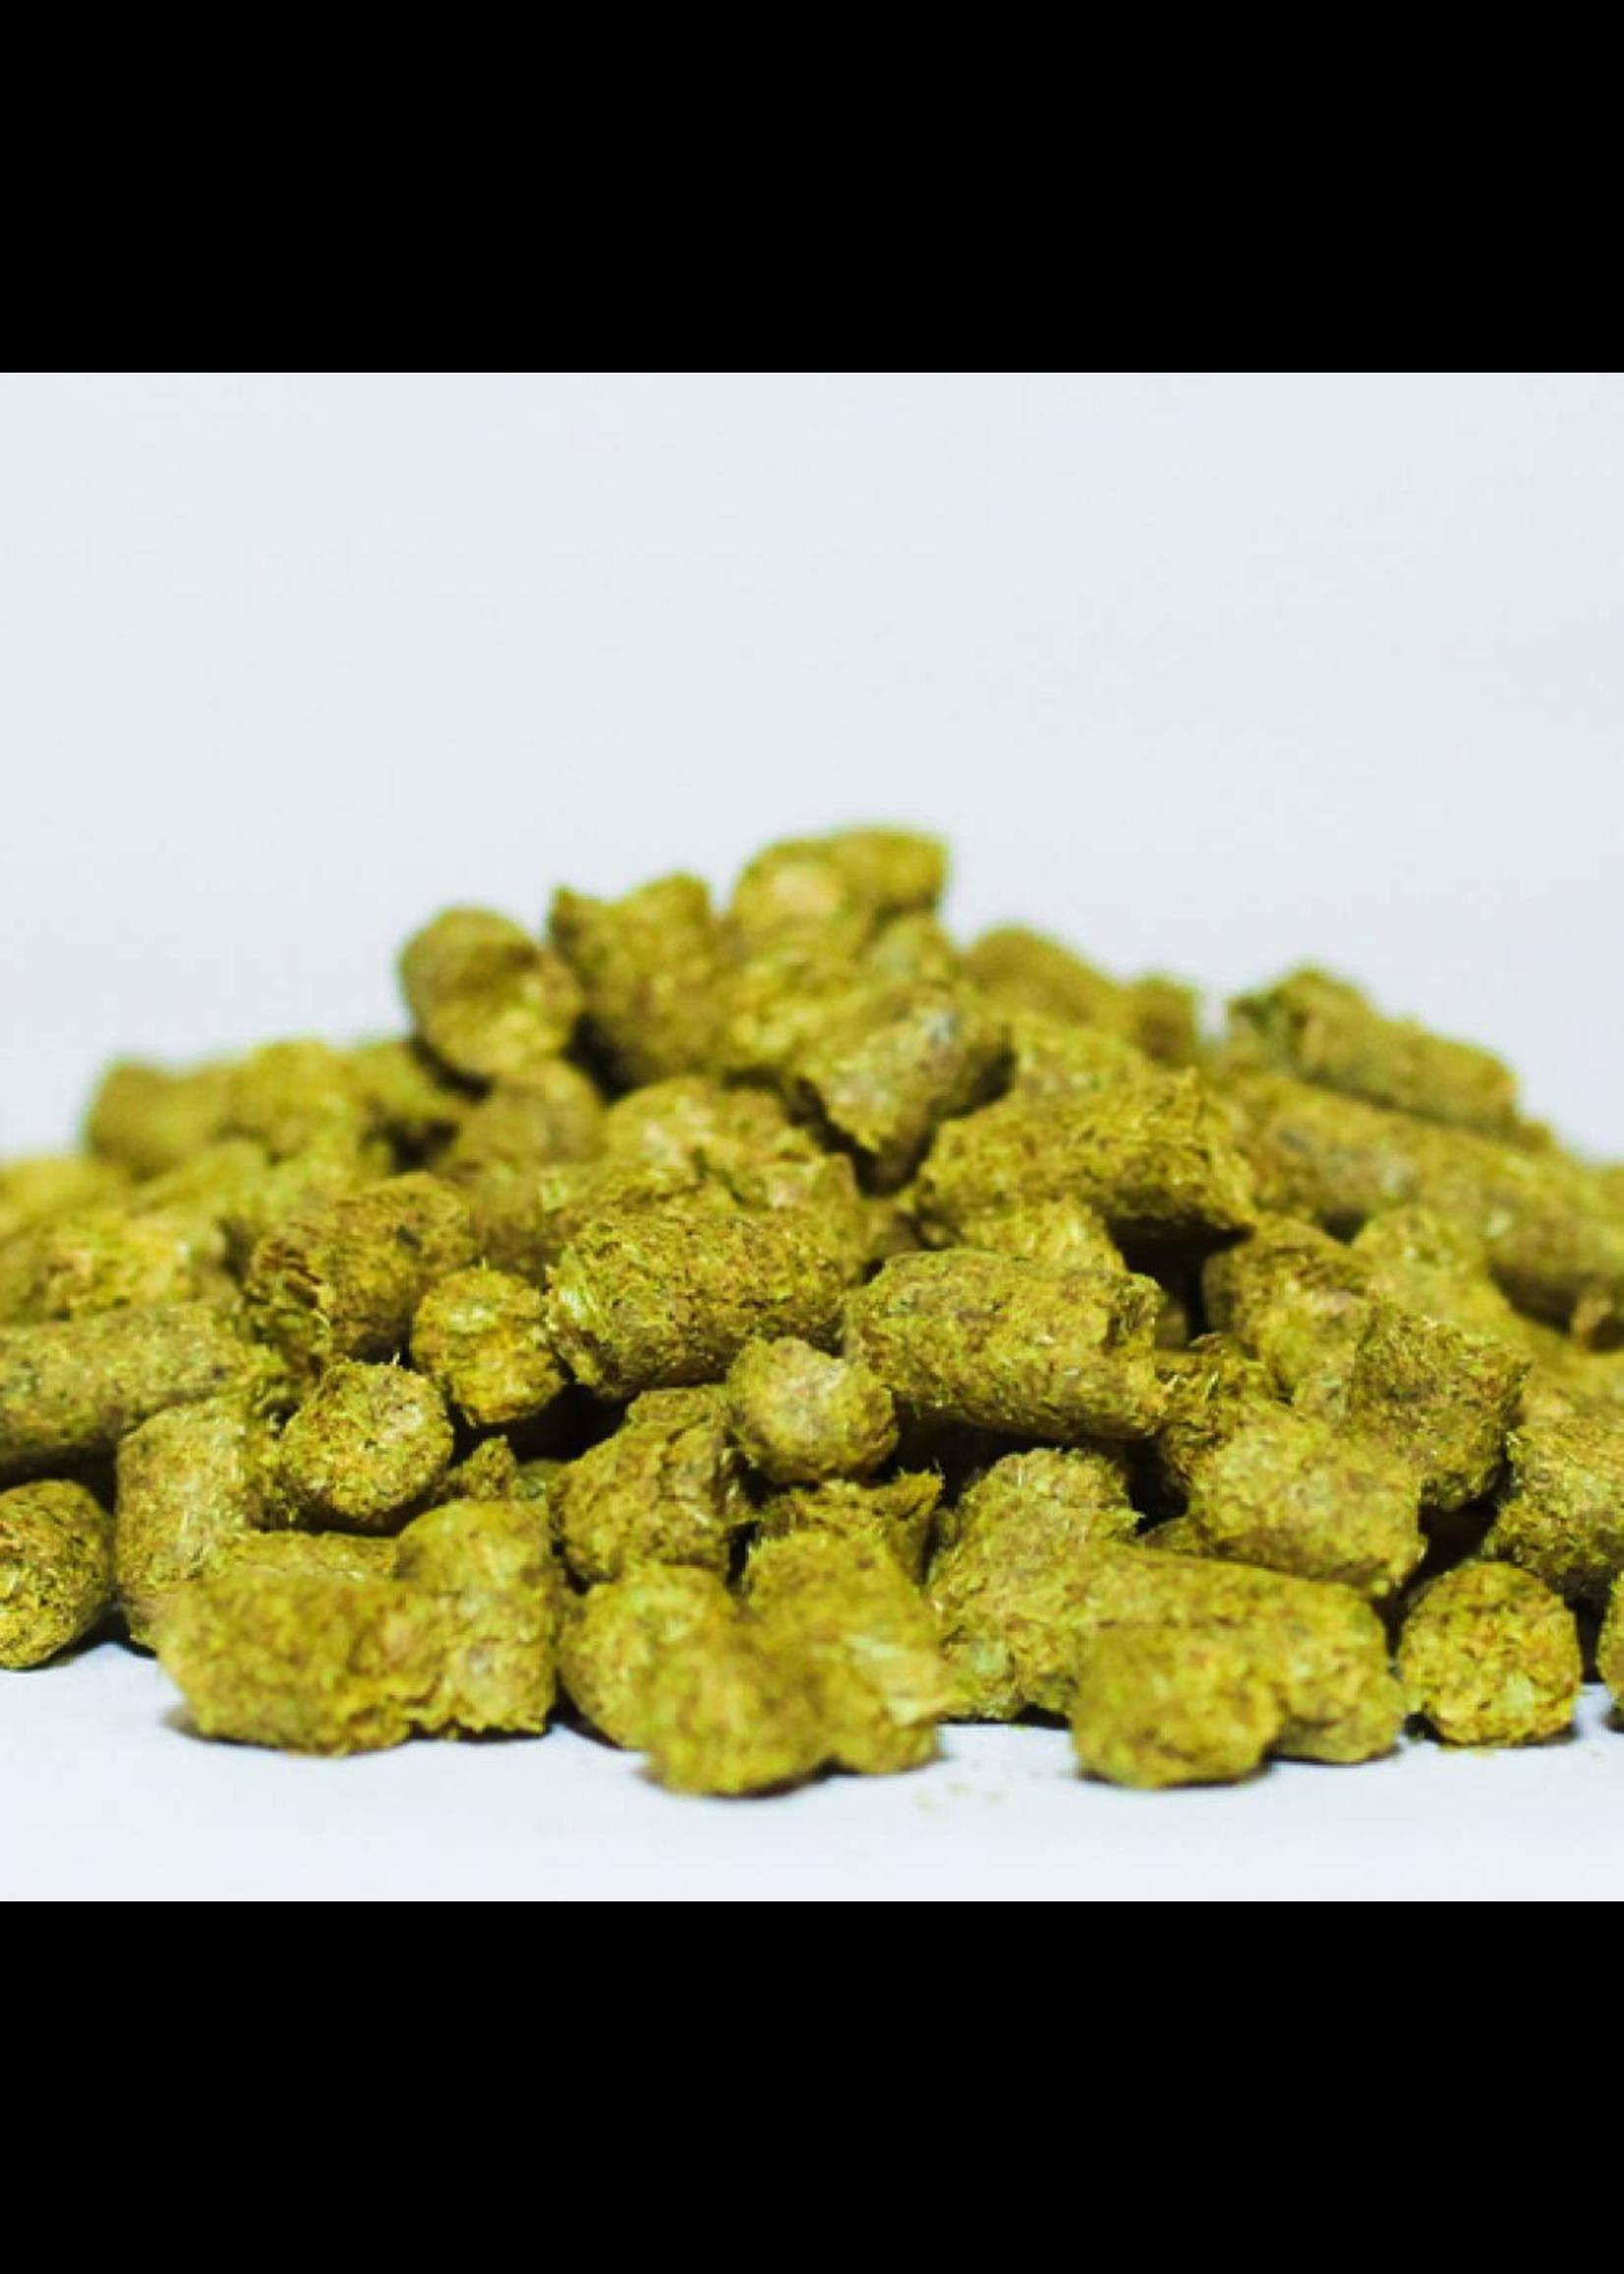 Hops Northern Brewer Hops (US) - Pellets - 1 LB - NLG